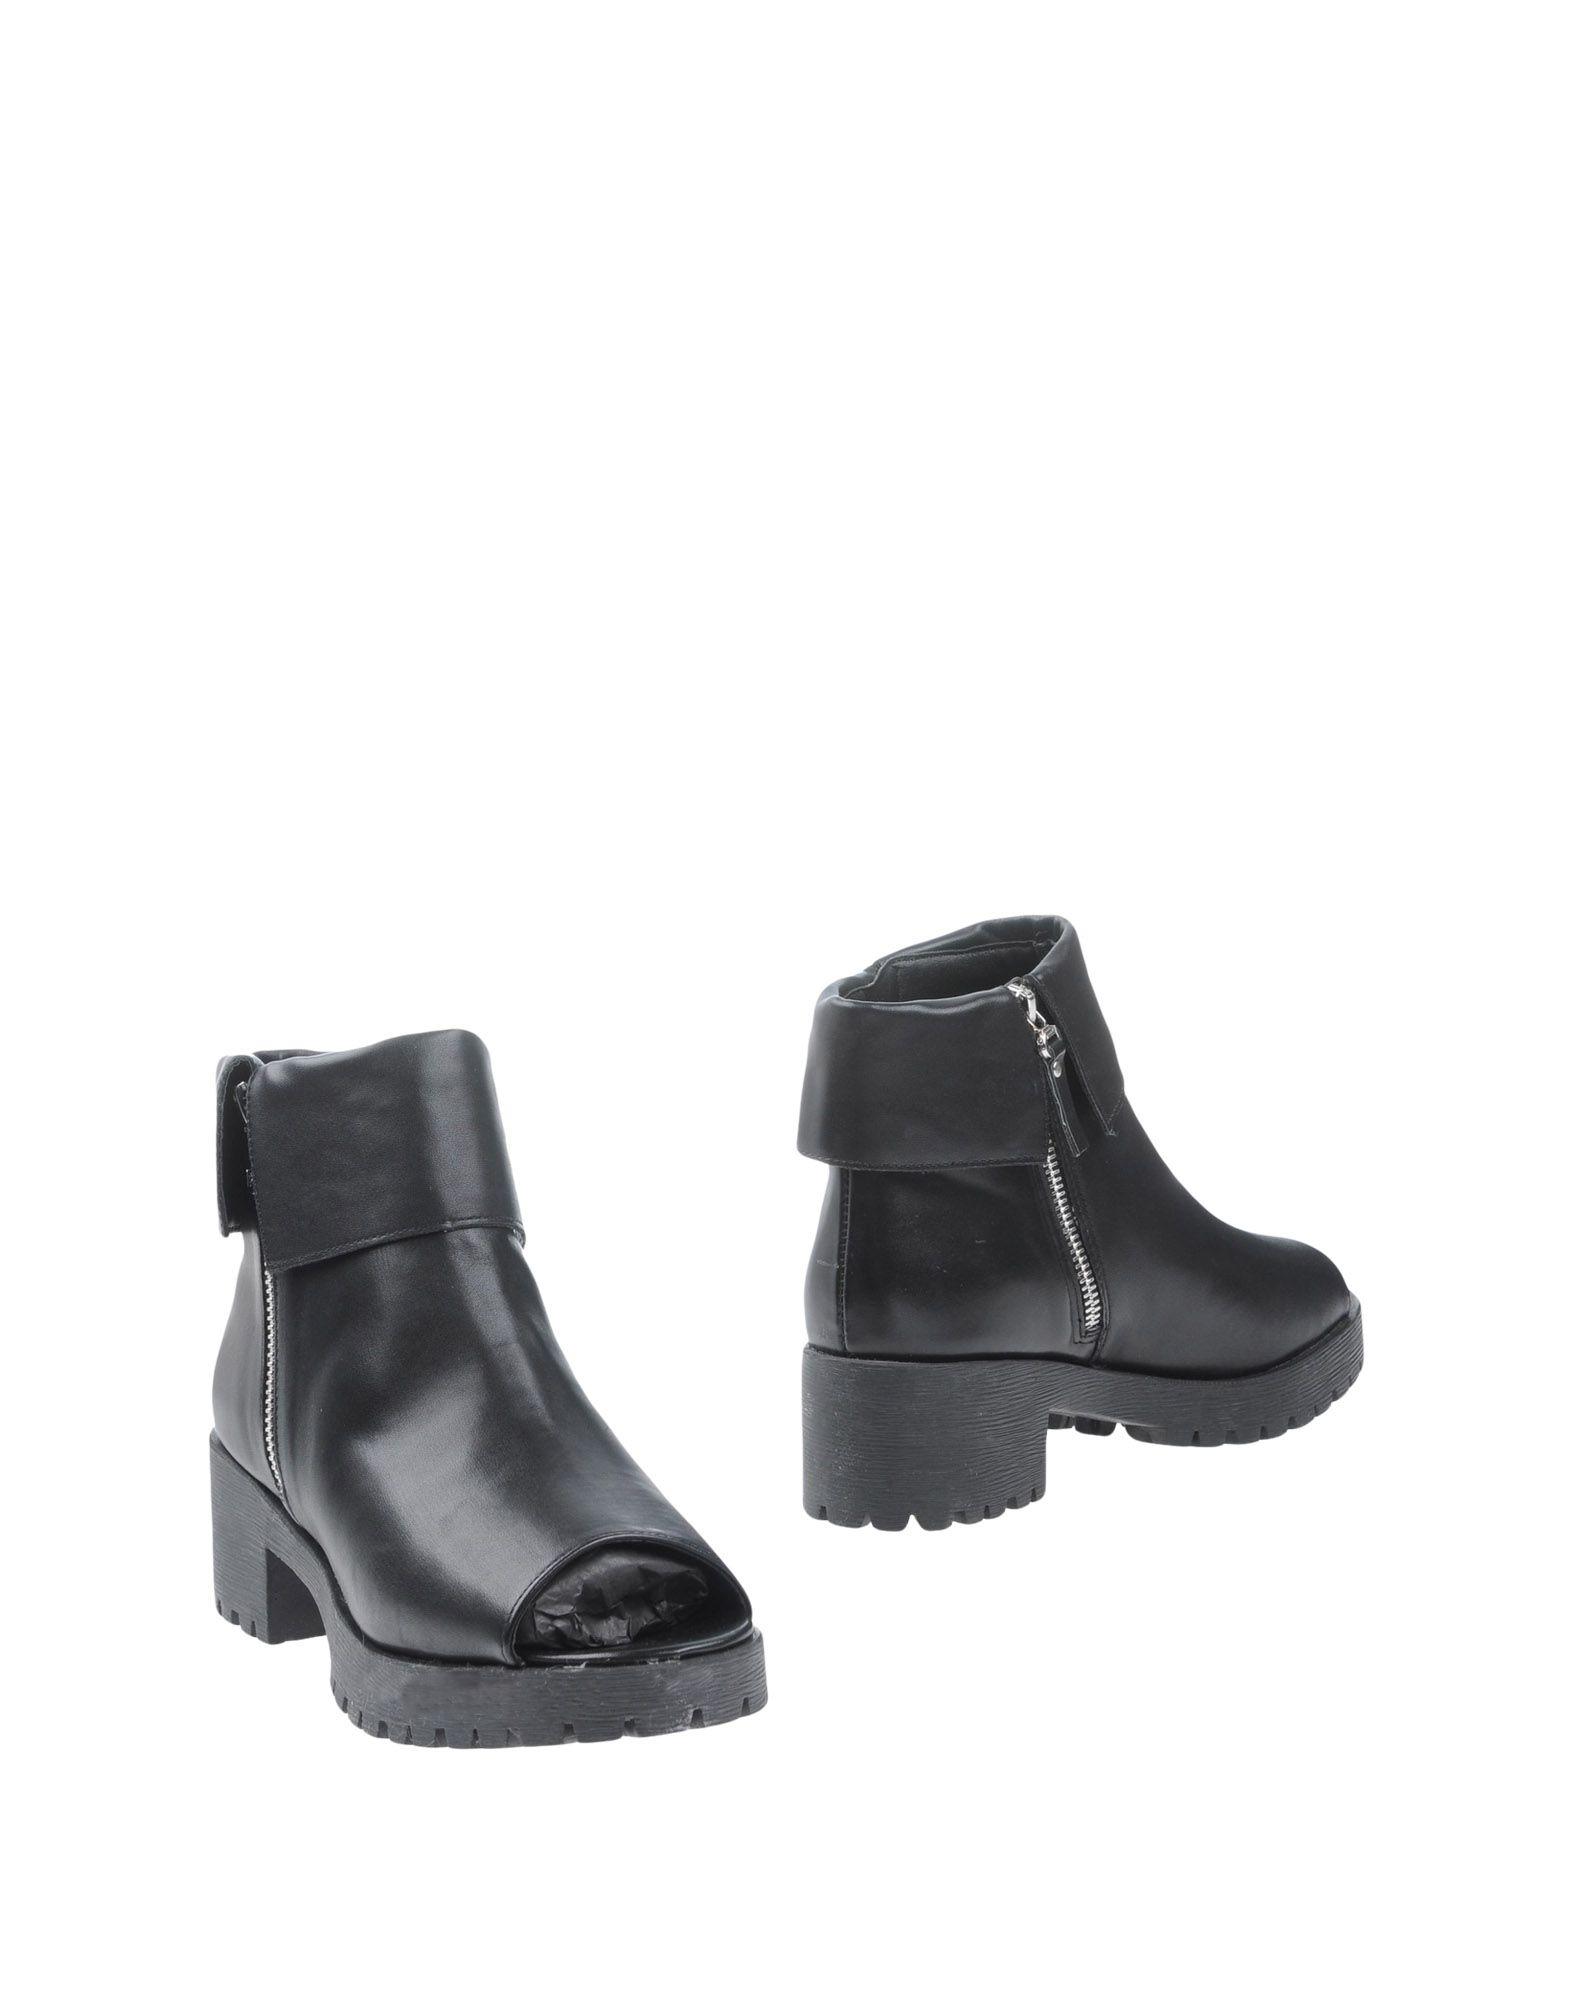 PRIMADONNA Полусапоги и высокие ботинки плейбой бренд осенью открытый скалолазания и пешие прогулки досуга для дыхания и водонепроницаемым мужские ботинки